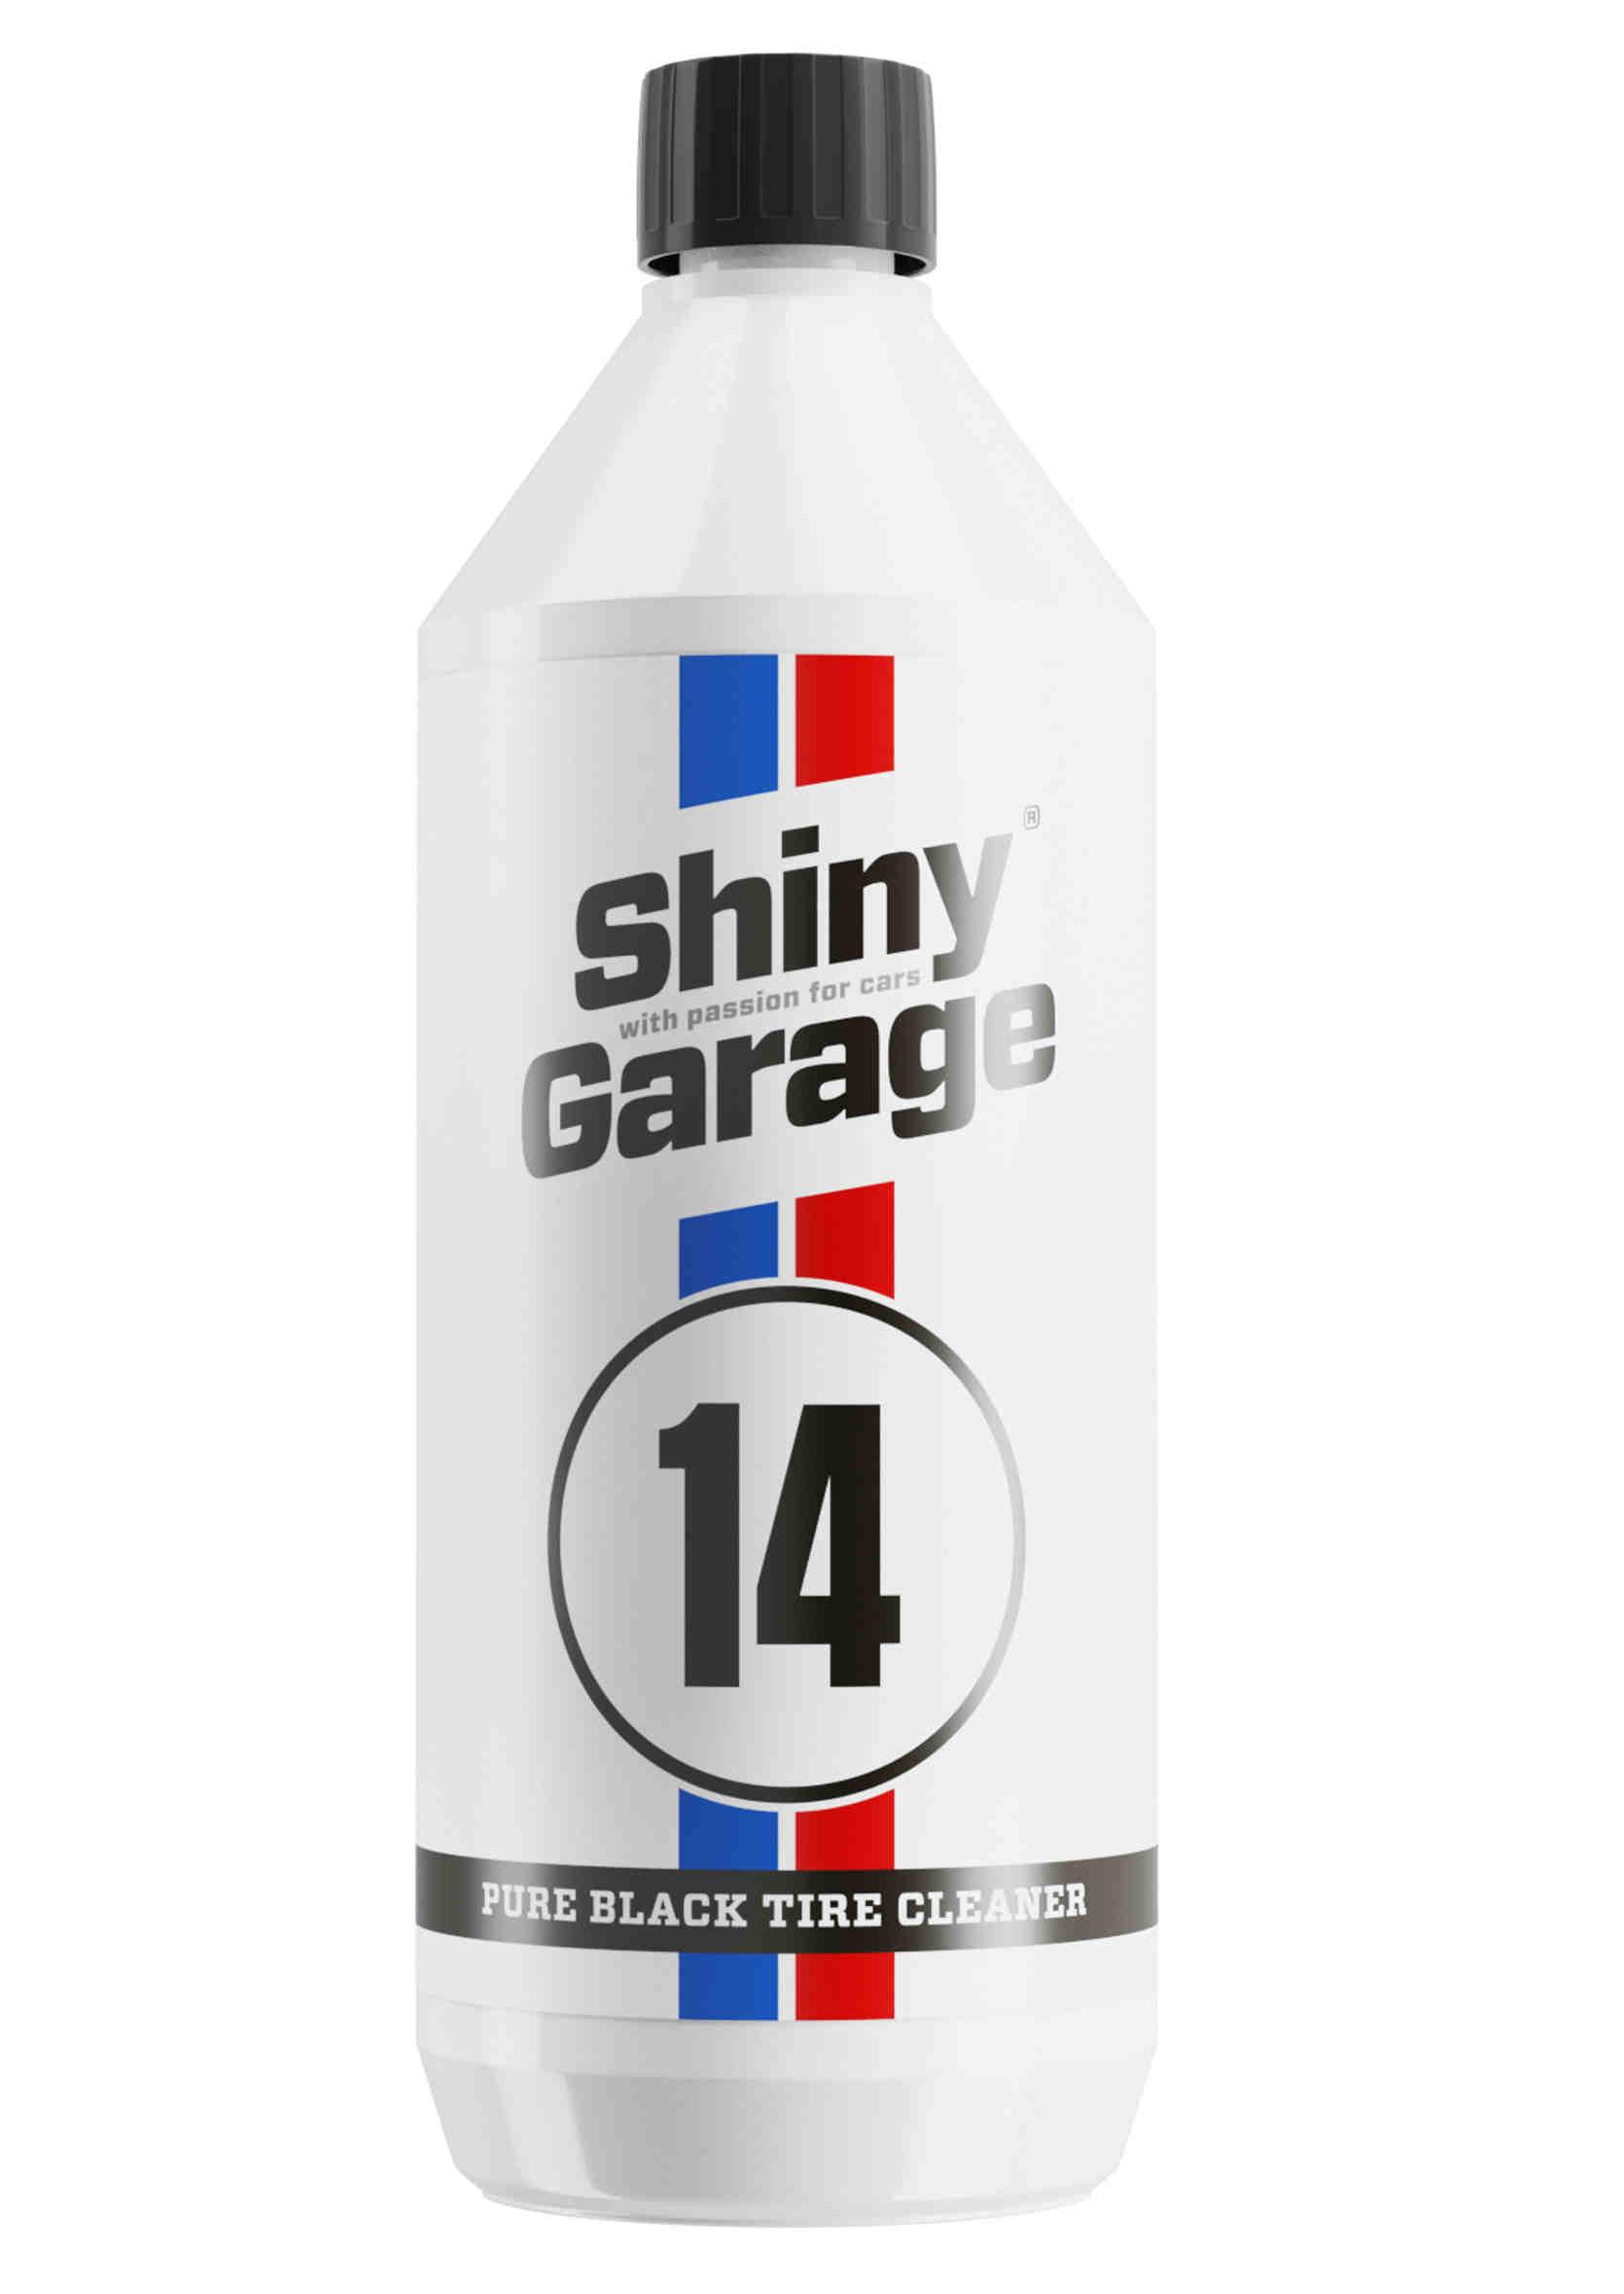 Shiny Garage Pure Black Tire Cleaner 1L Koncentrat do Czyszczenia Opon